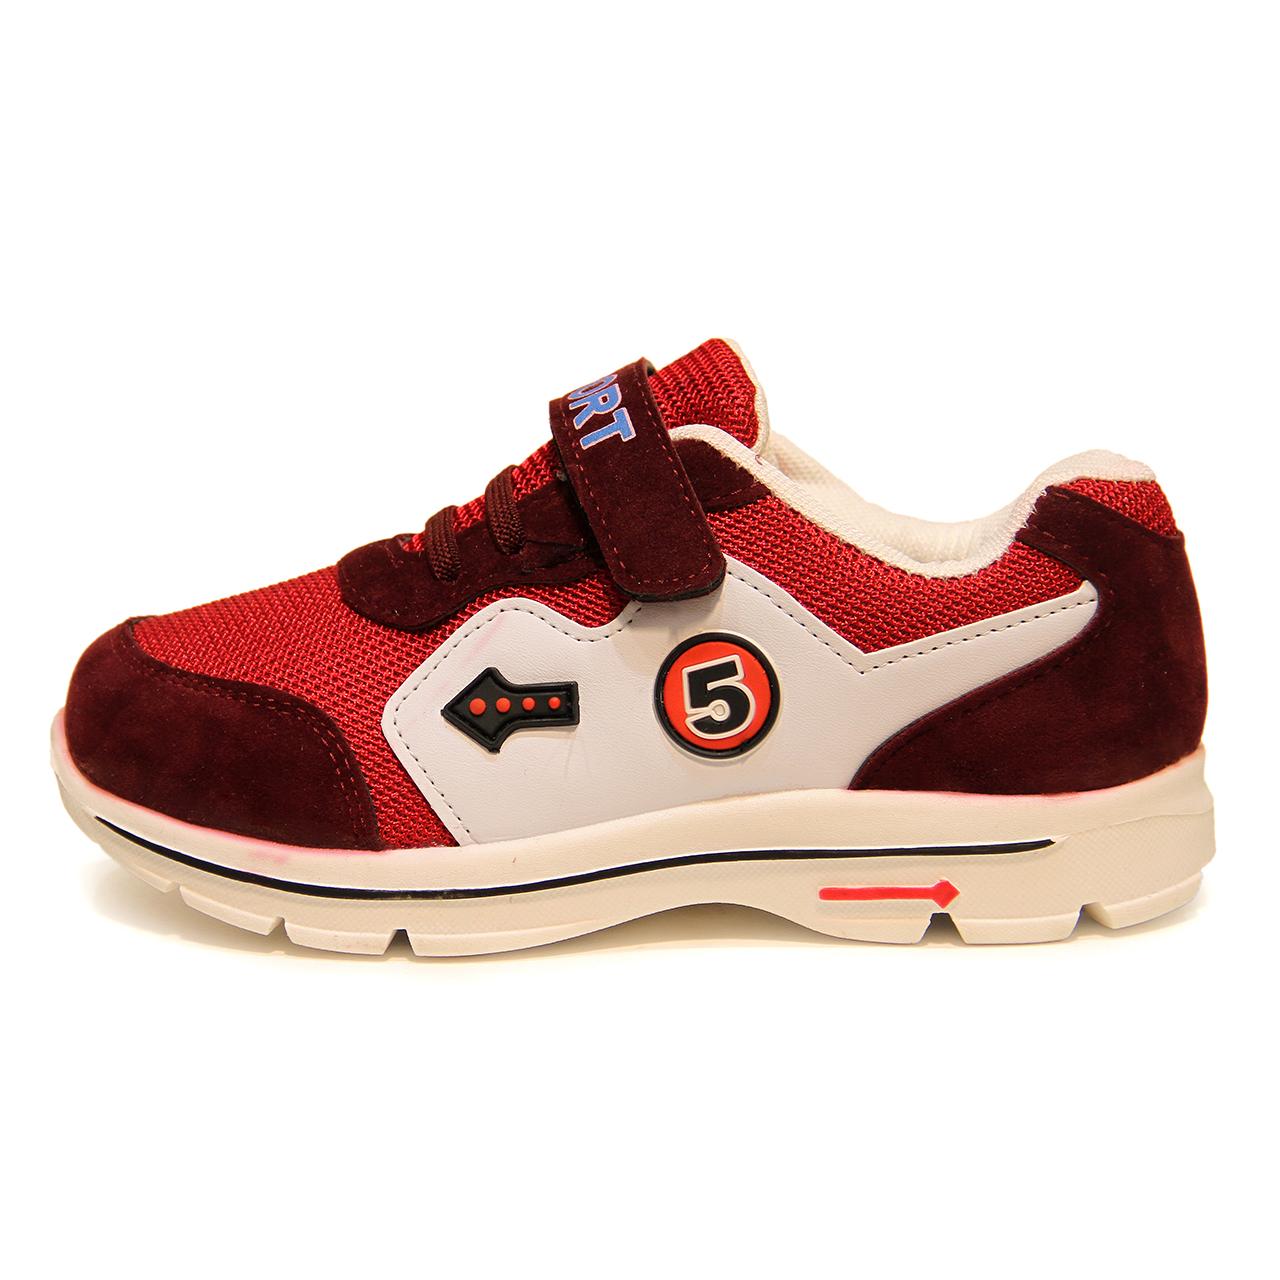 کفش مخصوص پیاده روی دخترانه اسپرت کد 280